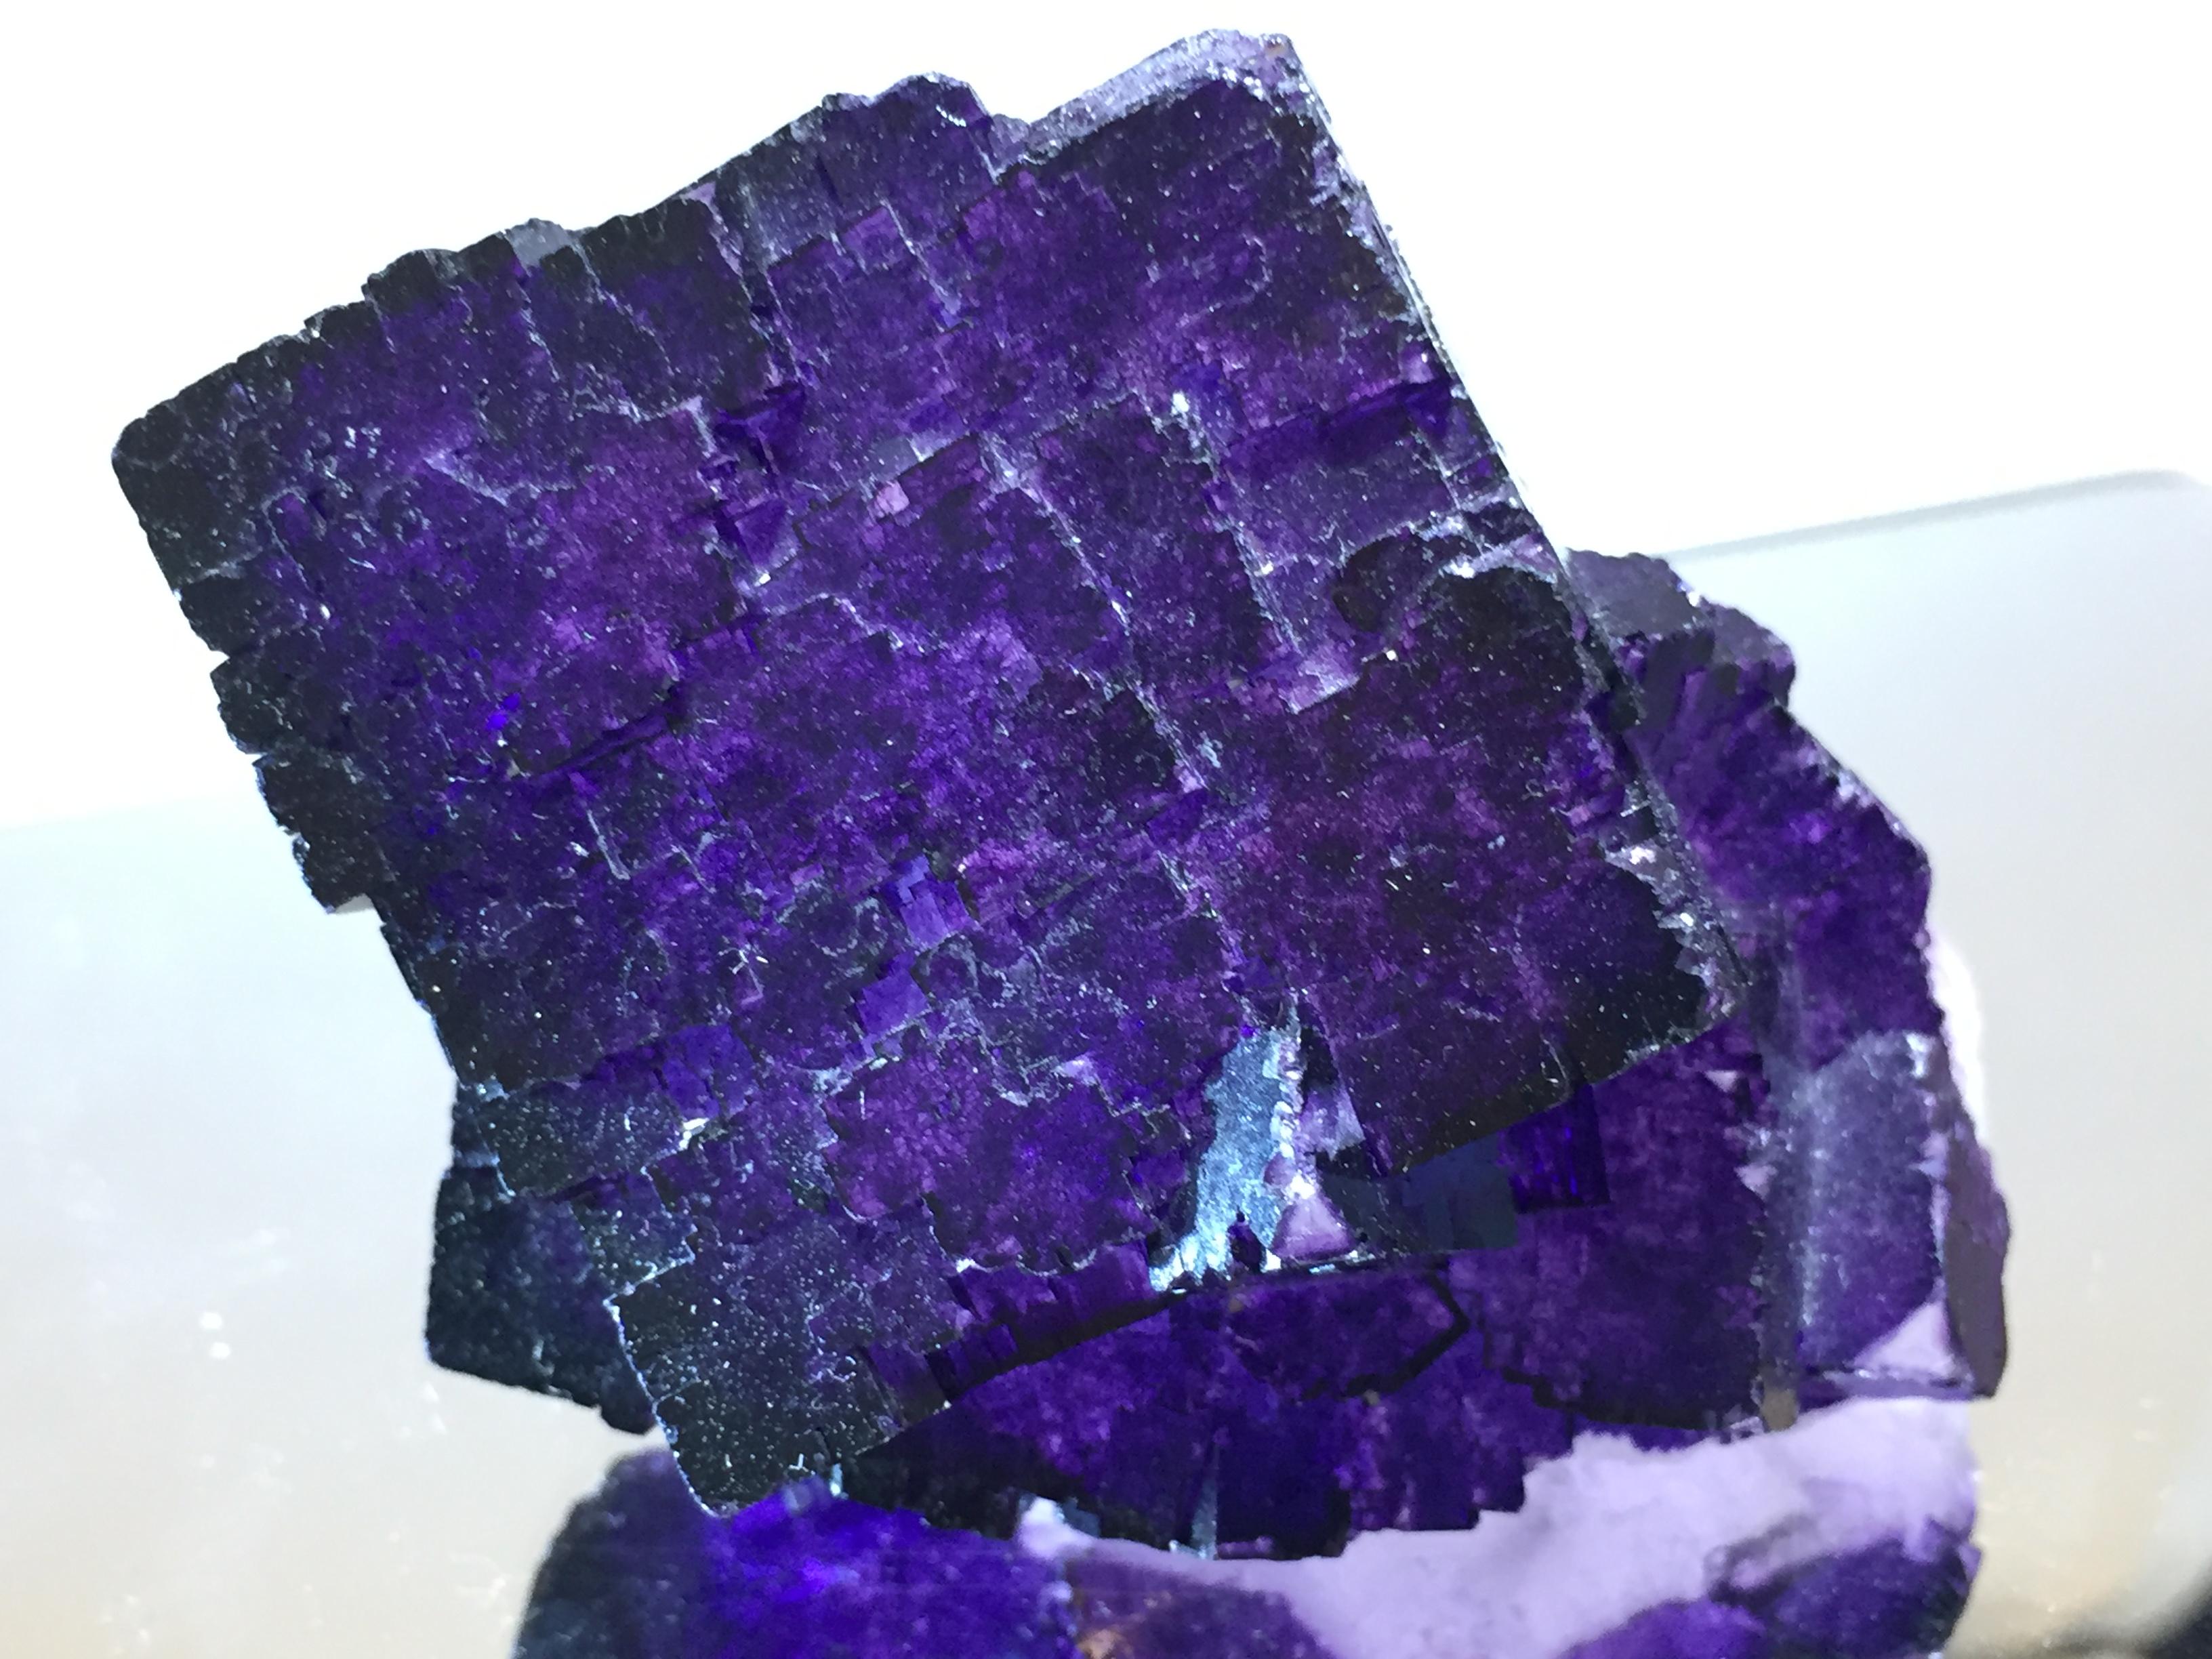 フローライト(ヴァイオレット)蛍石 Fluorite